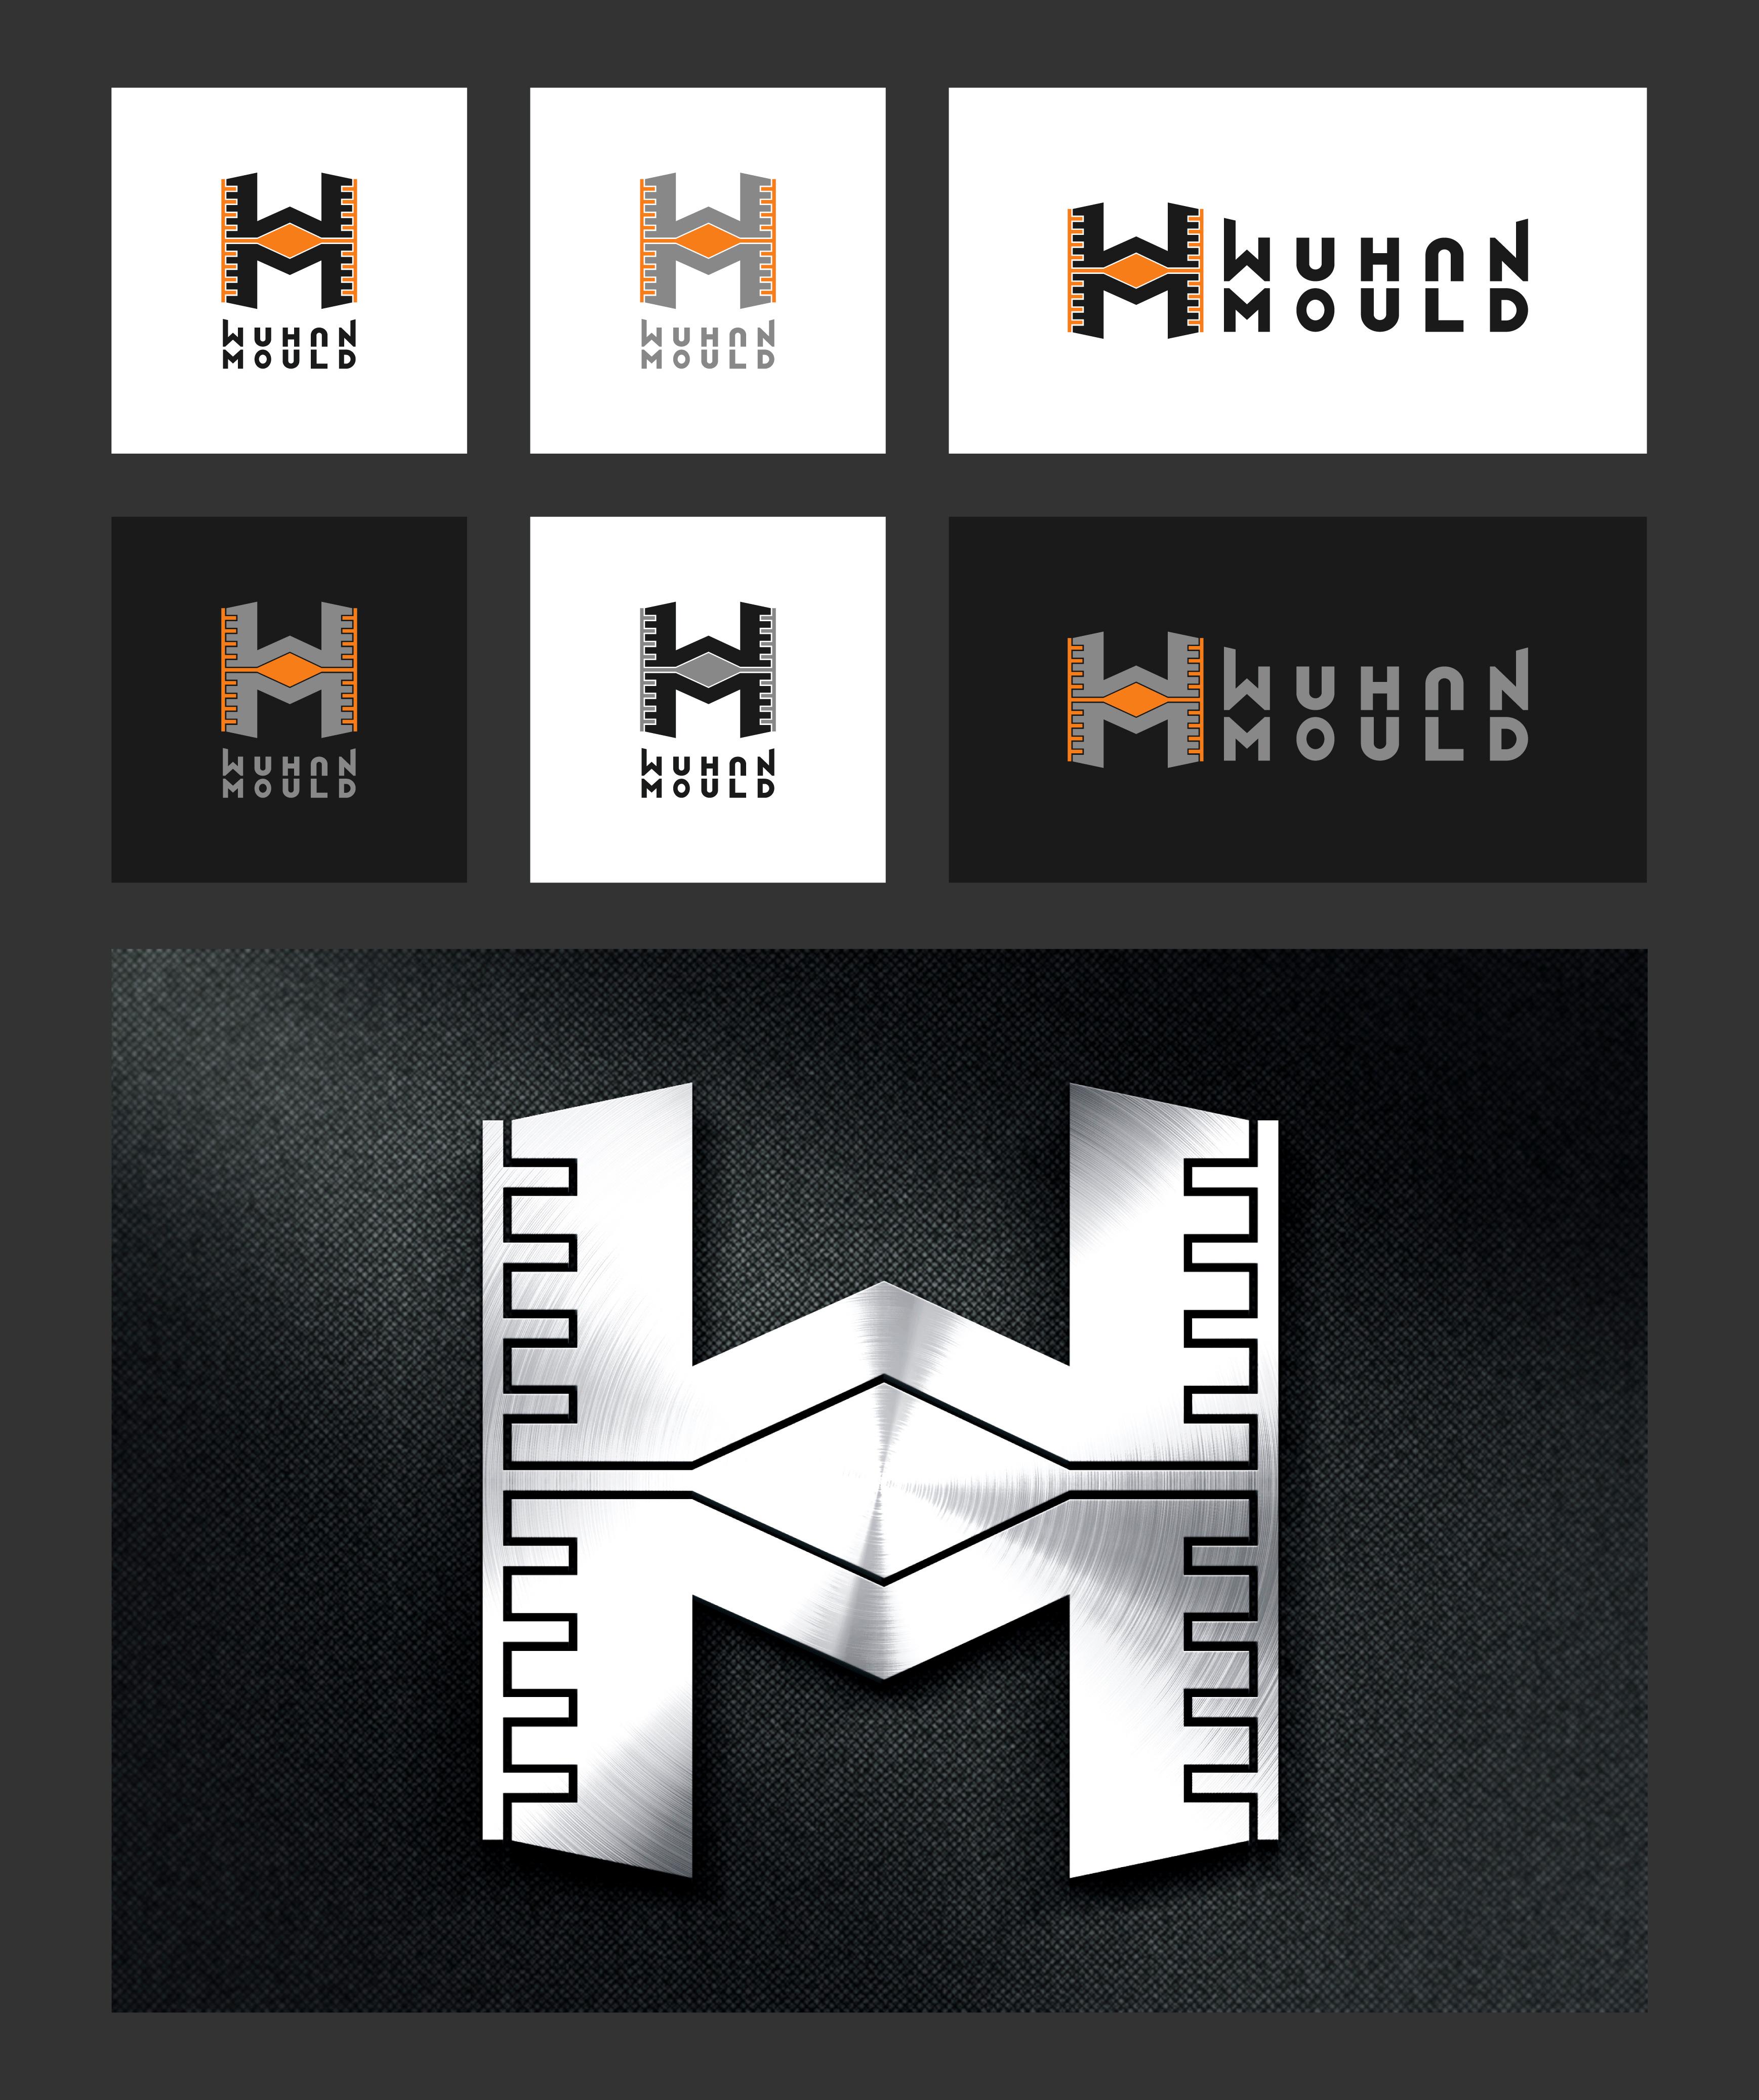 Создать логотип для фабрики пресс-форм фото f_81959906f865a003.jpg